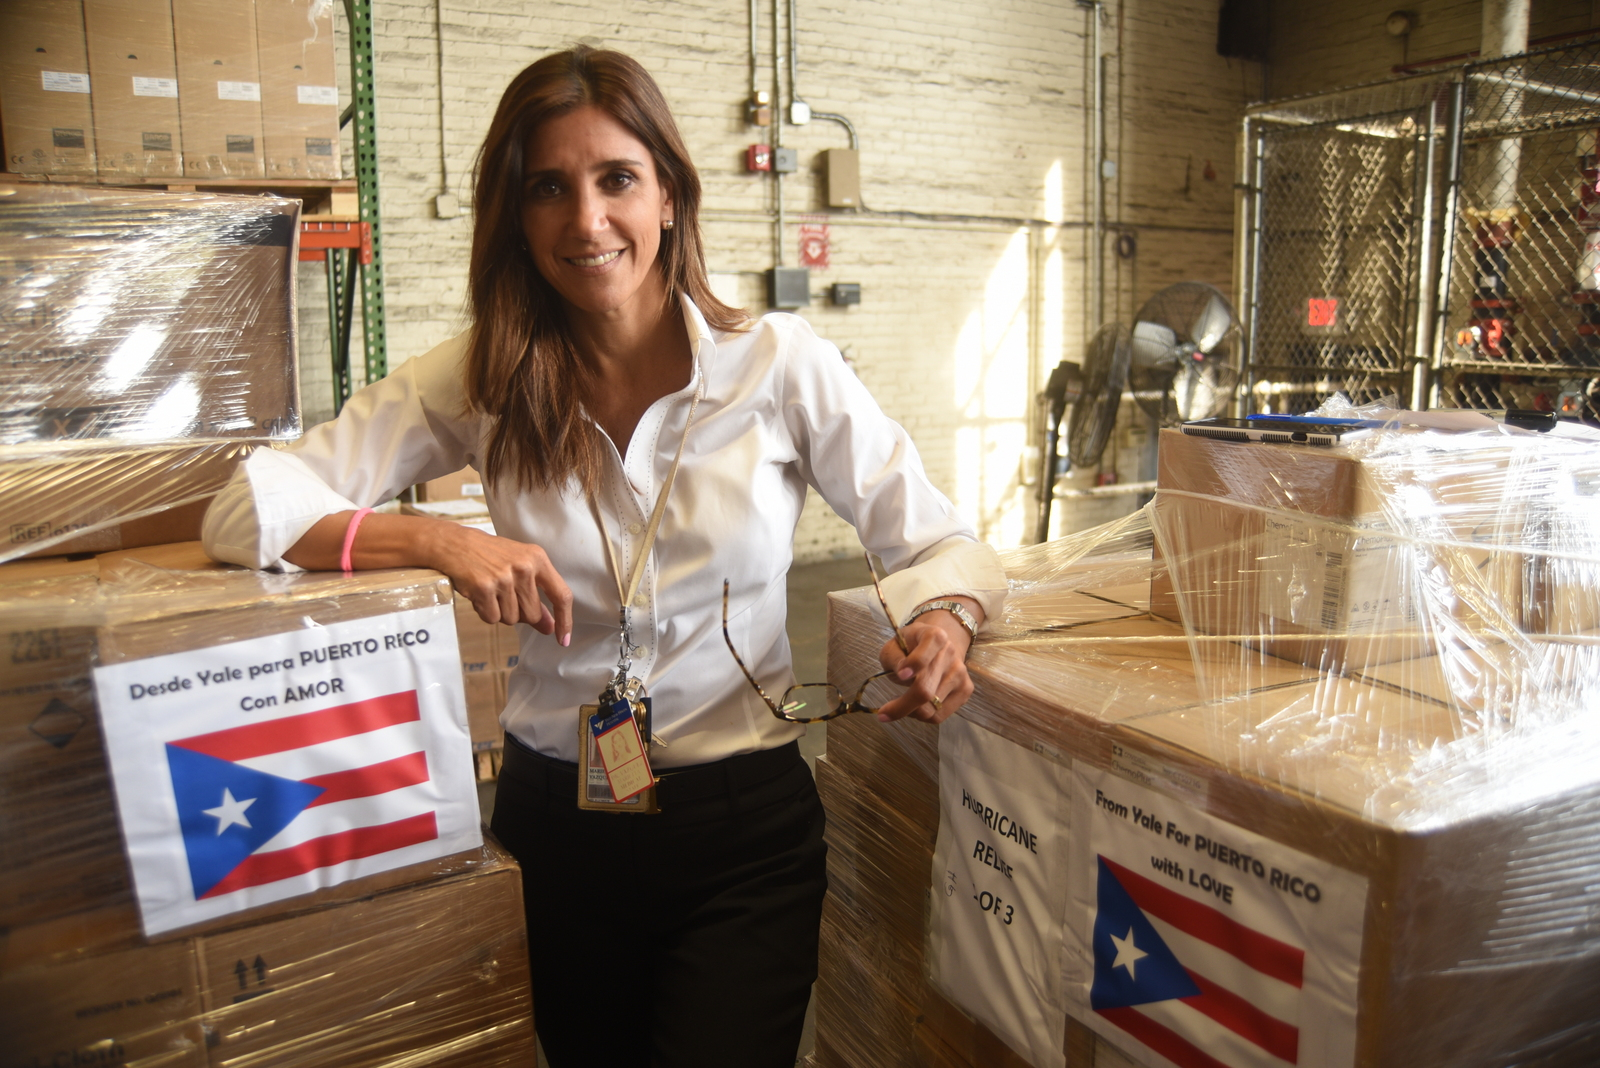 Fotos de yales de puerto rico